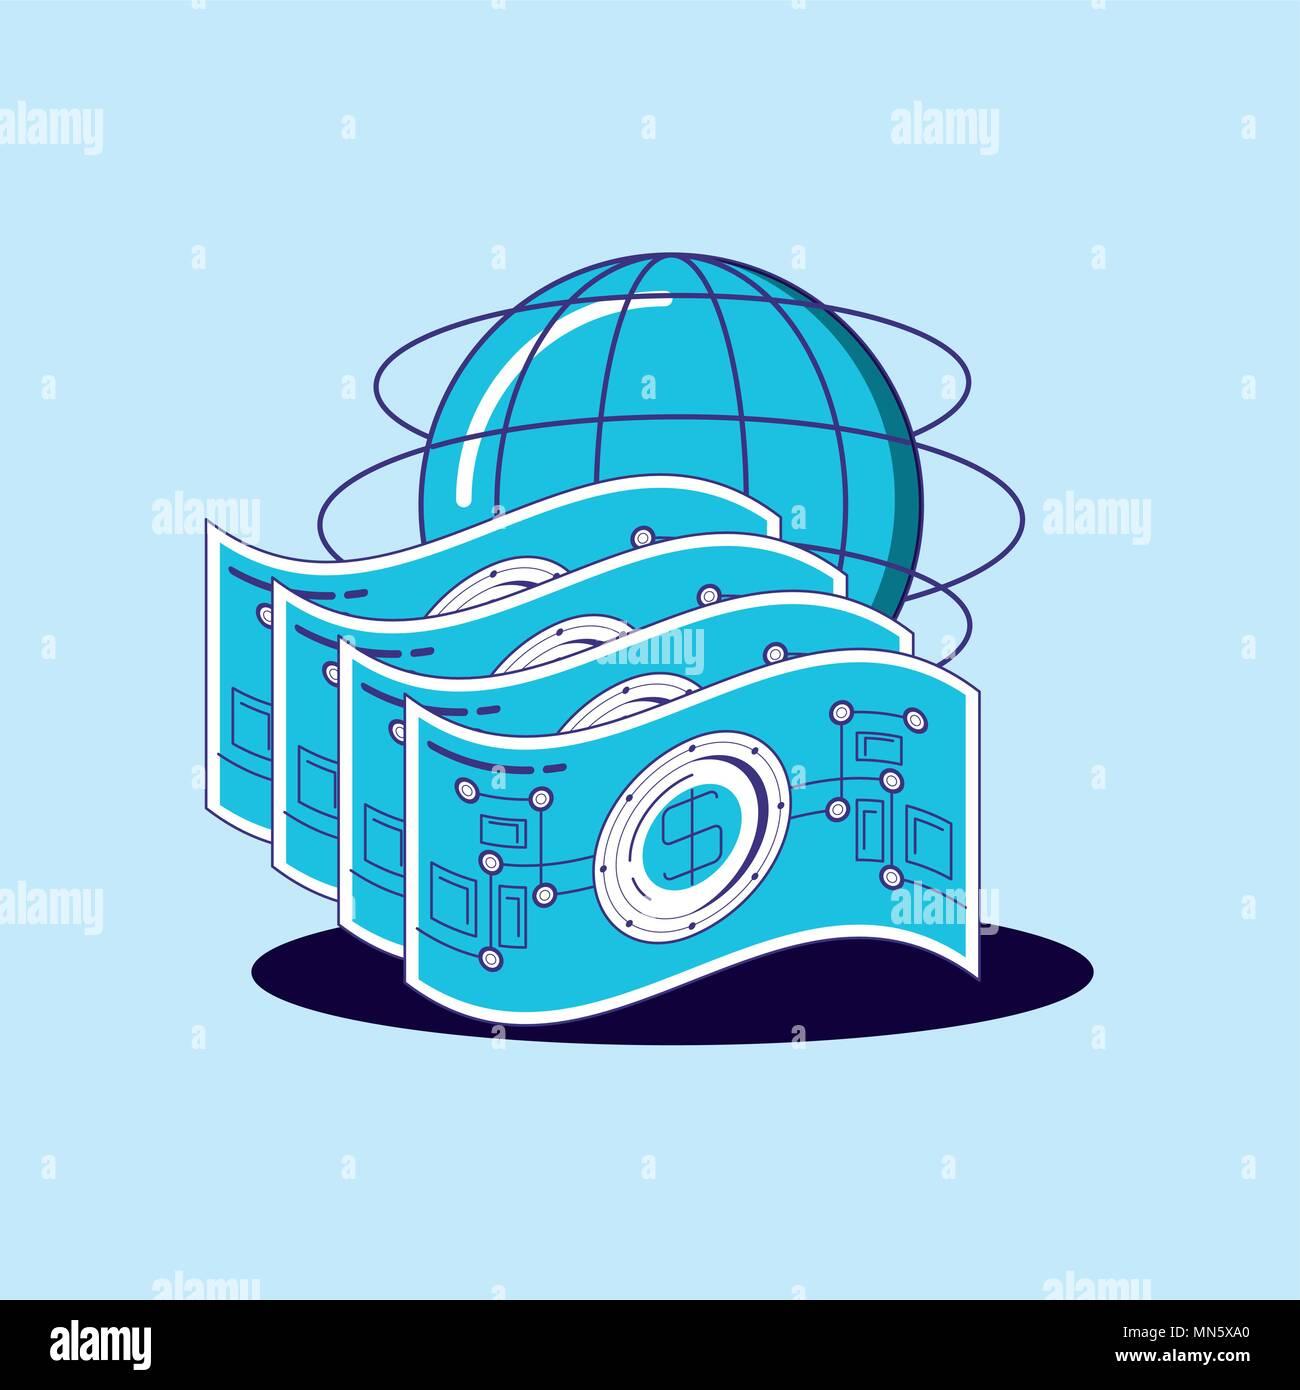 Finanzielle Technik Design mit Geldscheinen globale Sphäre über blauen Hintergrund, farbenfrohen Design. Vector Illustration Stockbild